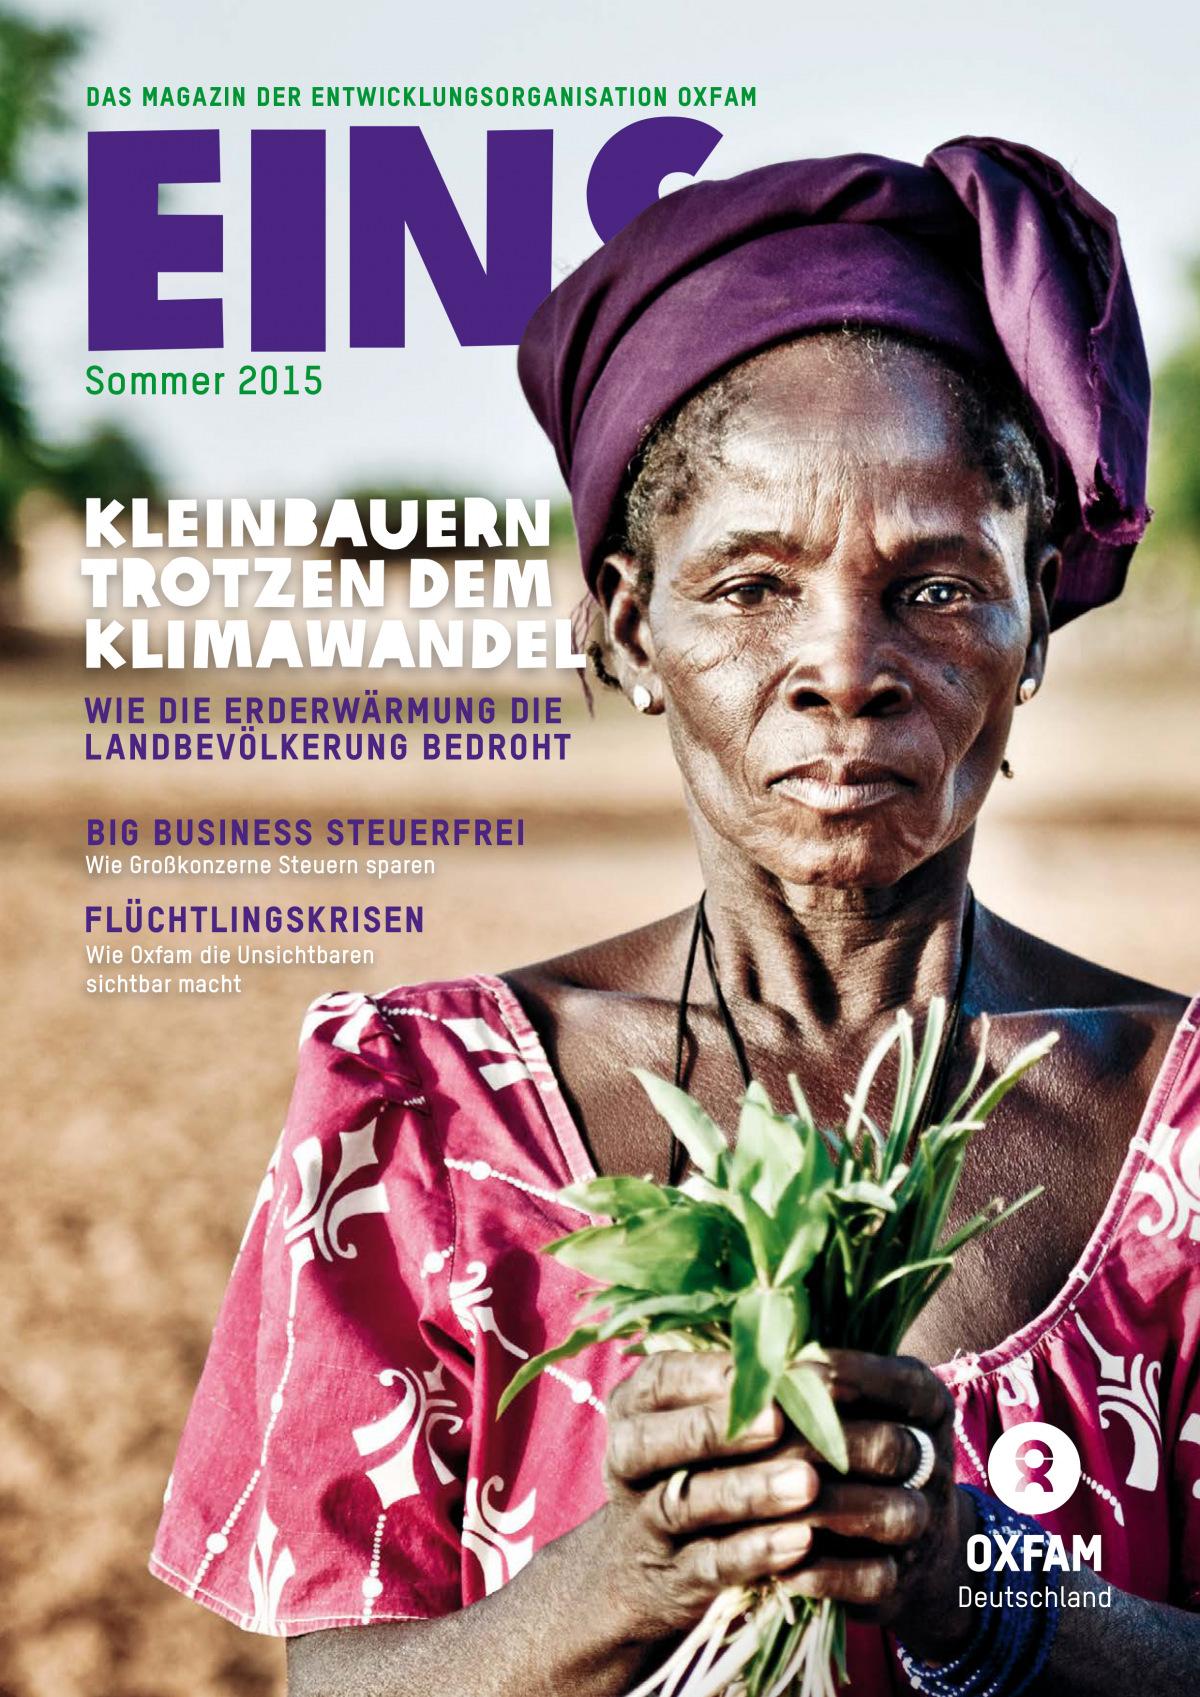 Titelbild vom Oxfam-Magazin EINS (Sommer 2015)